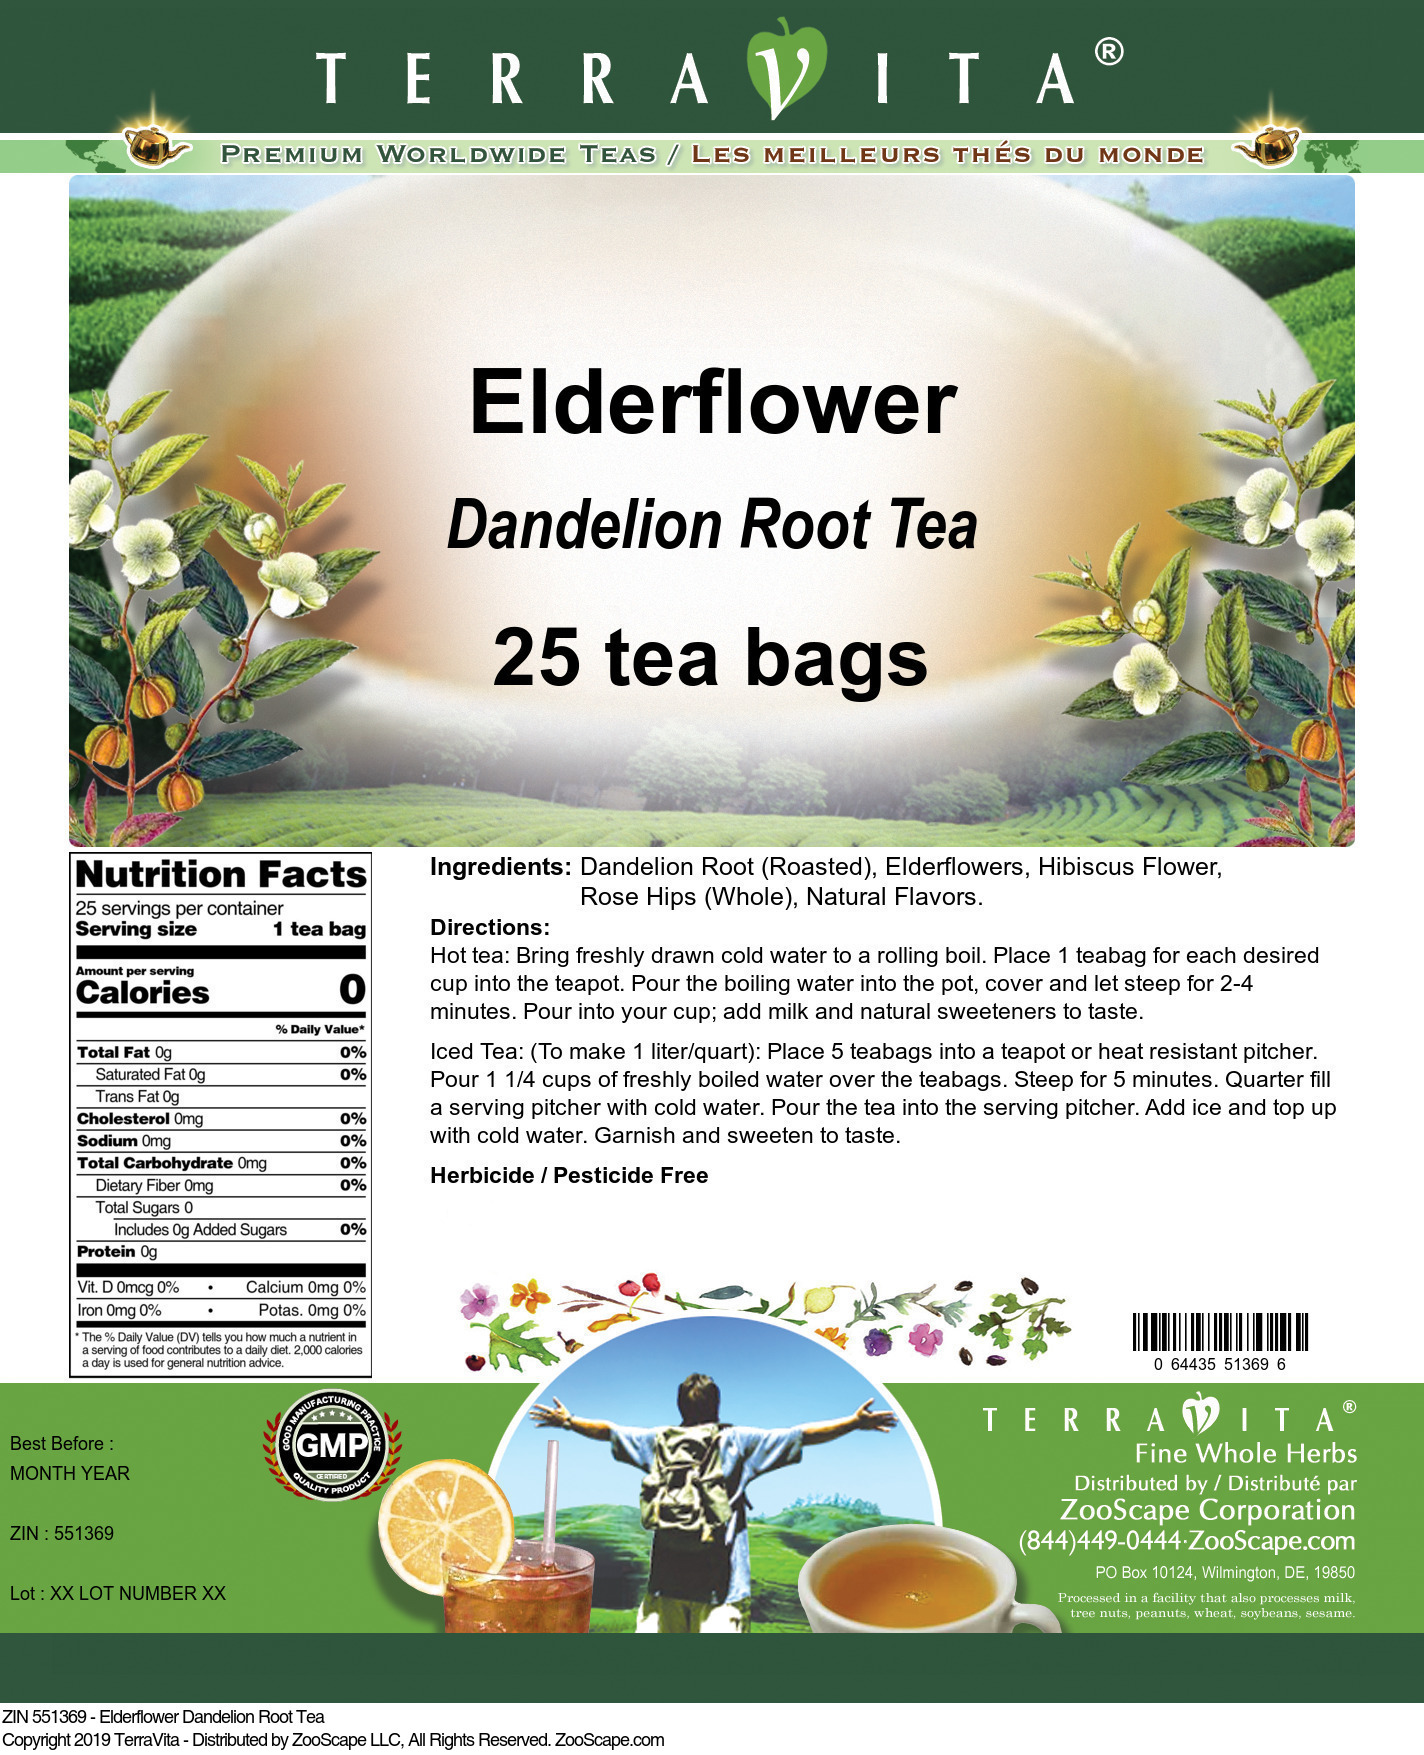 Elderflower Dandelion Root